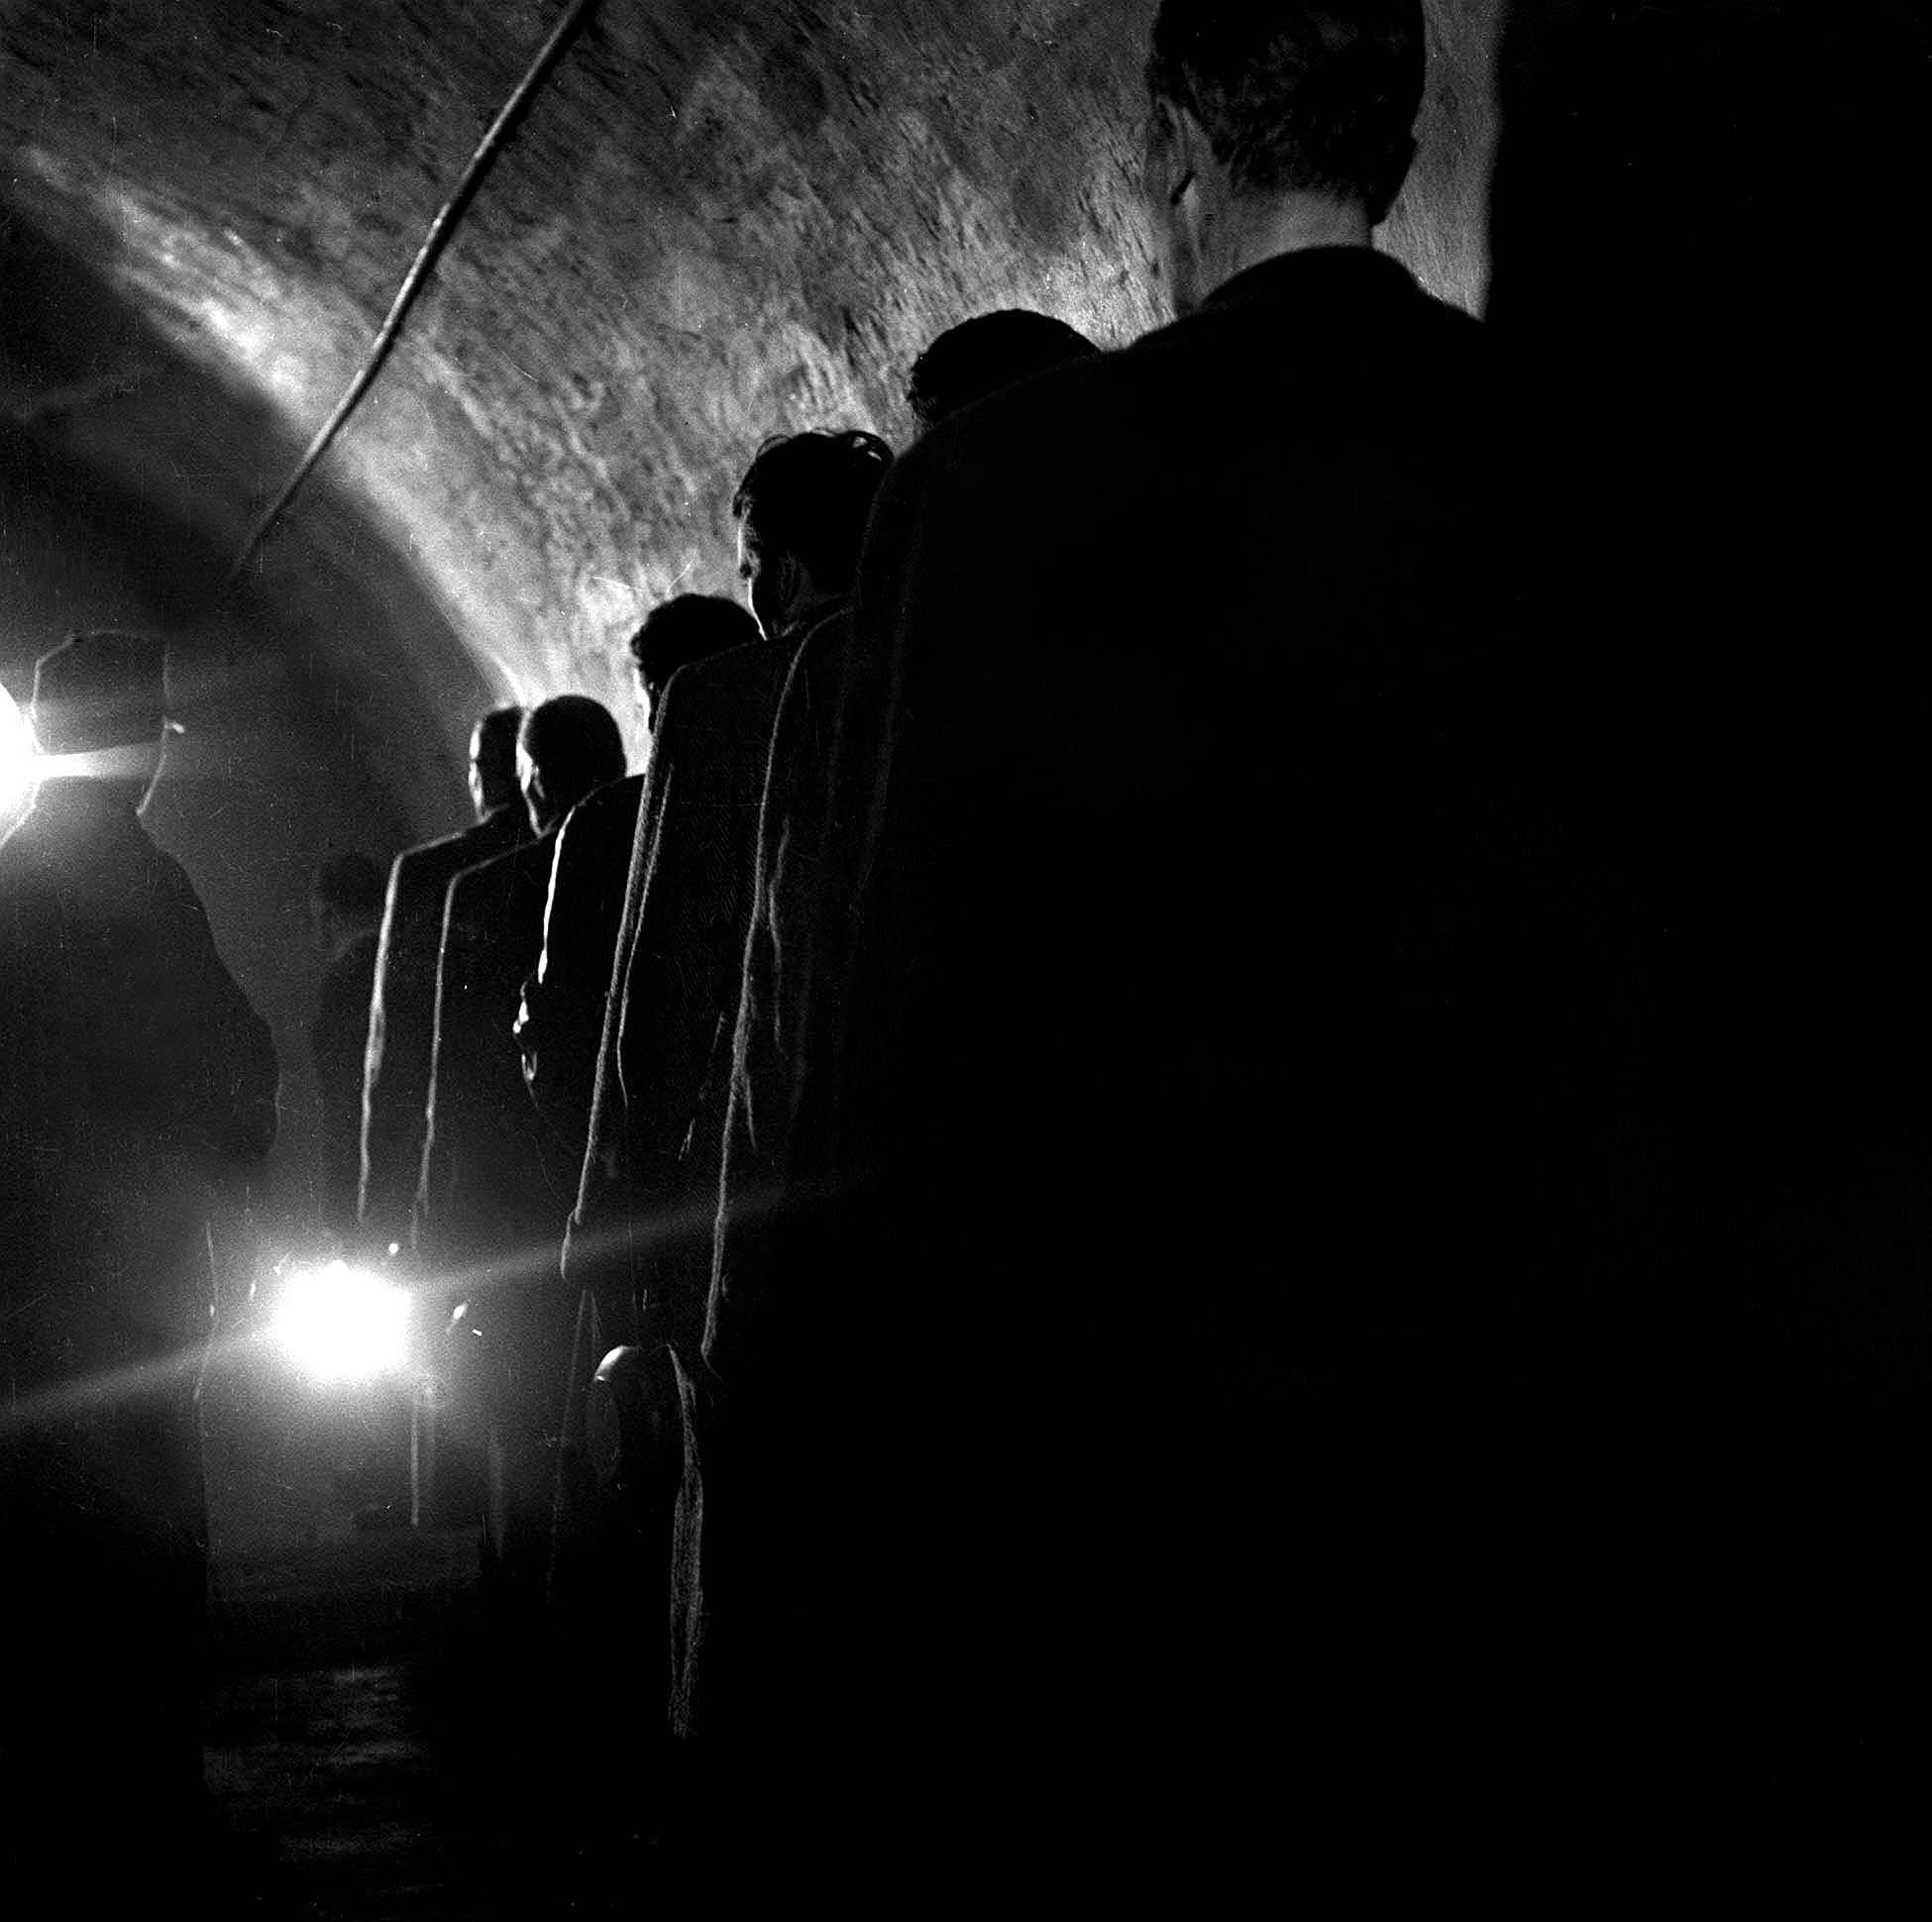 Háborús bûnös foglyok sorakoznak az ebédosztáshoz az Andrássy út 60-ban, a Politikai Rendészeti Osztály (PRO, az ÁVO elõdje) épületében / MAFIRT: Bass Tibor